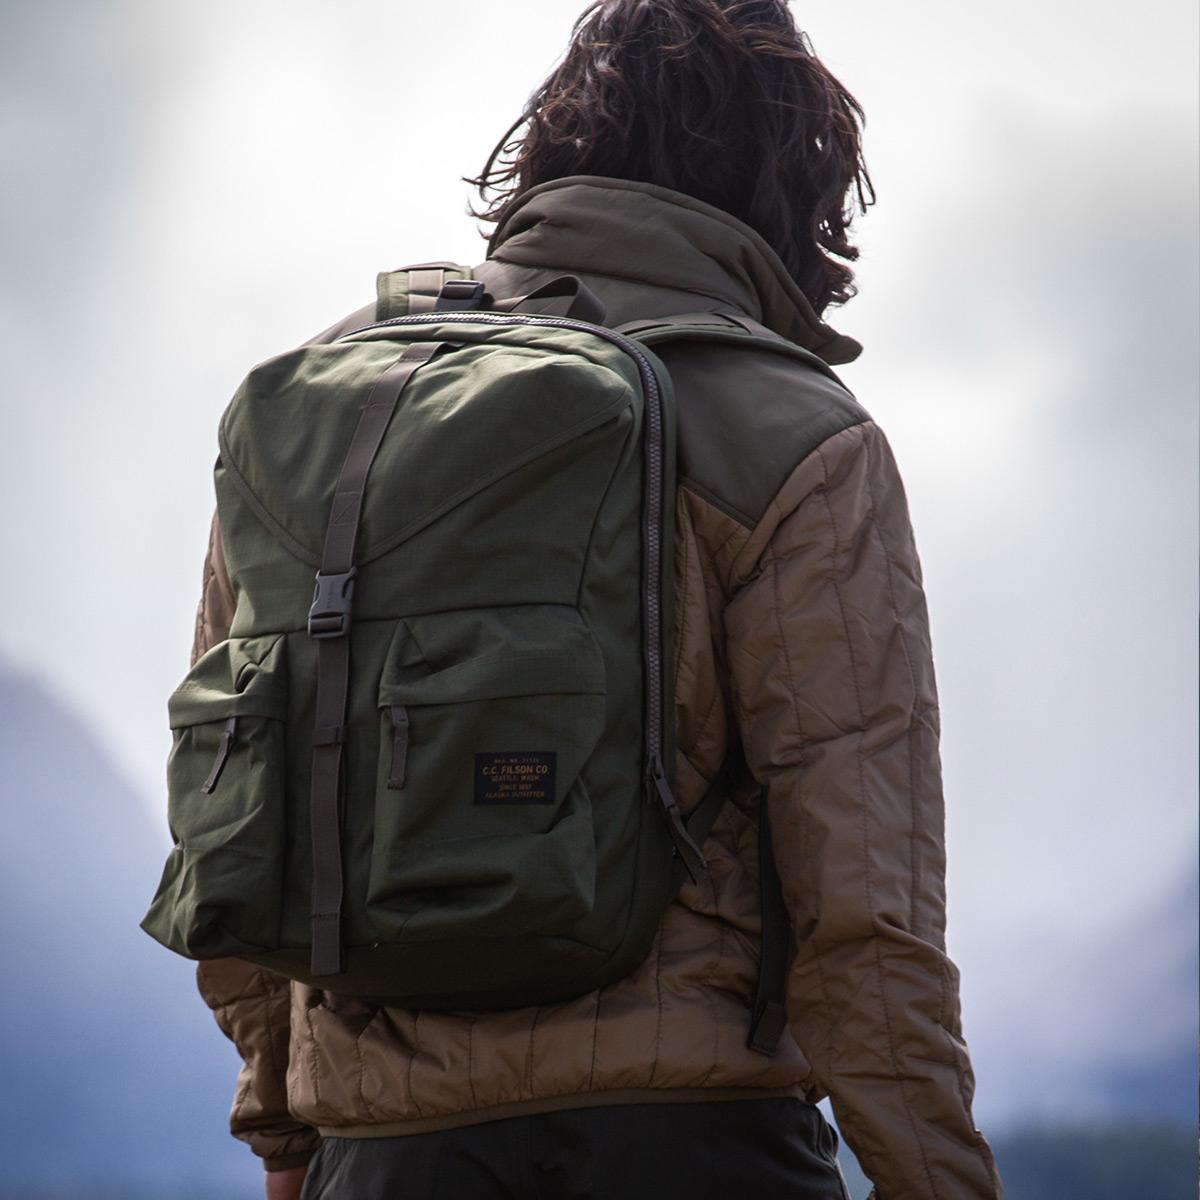 Filson Ripstop Backpack 20115929 Surplus Green, Leicht und robust, entwickelt für Komfort auf langen Wanderungen